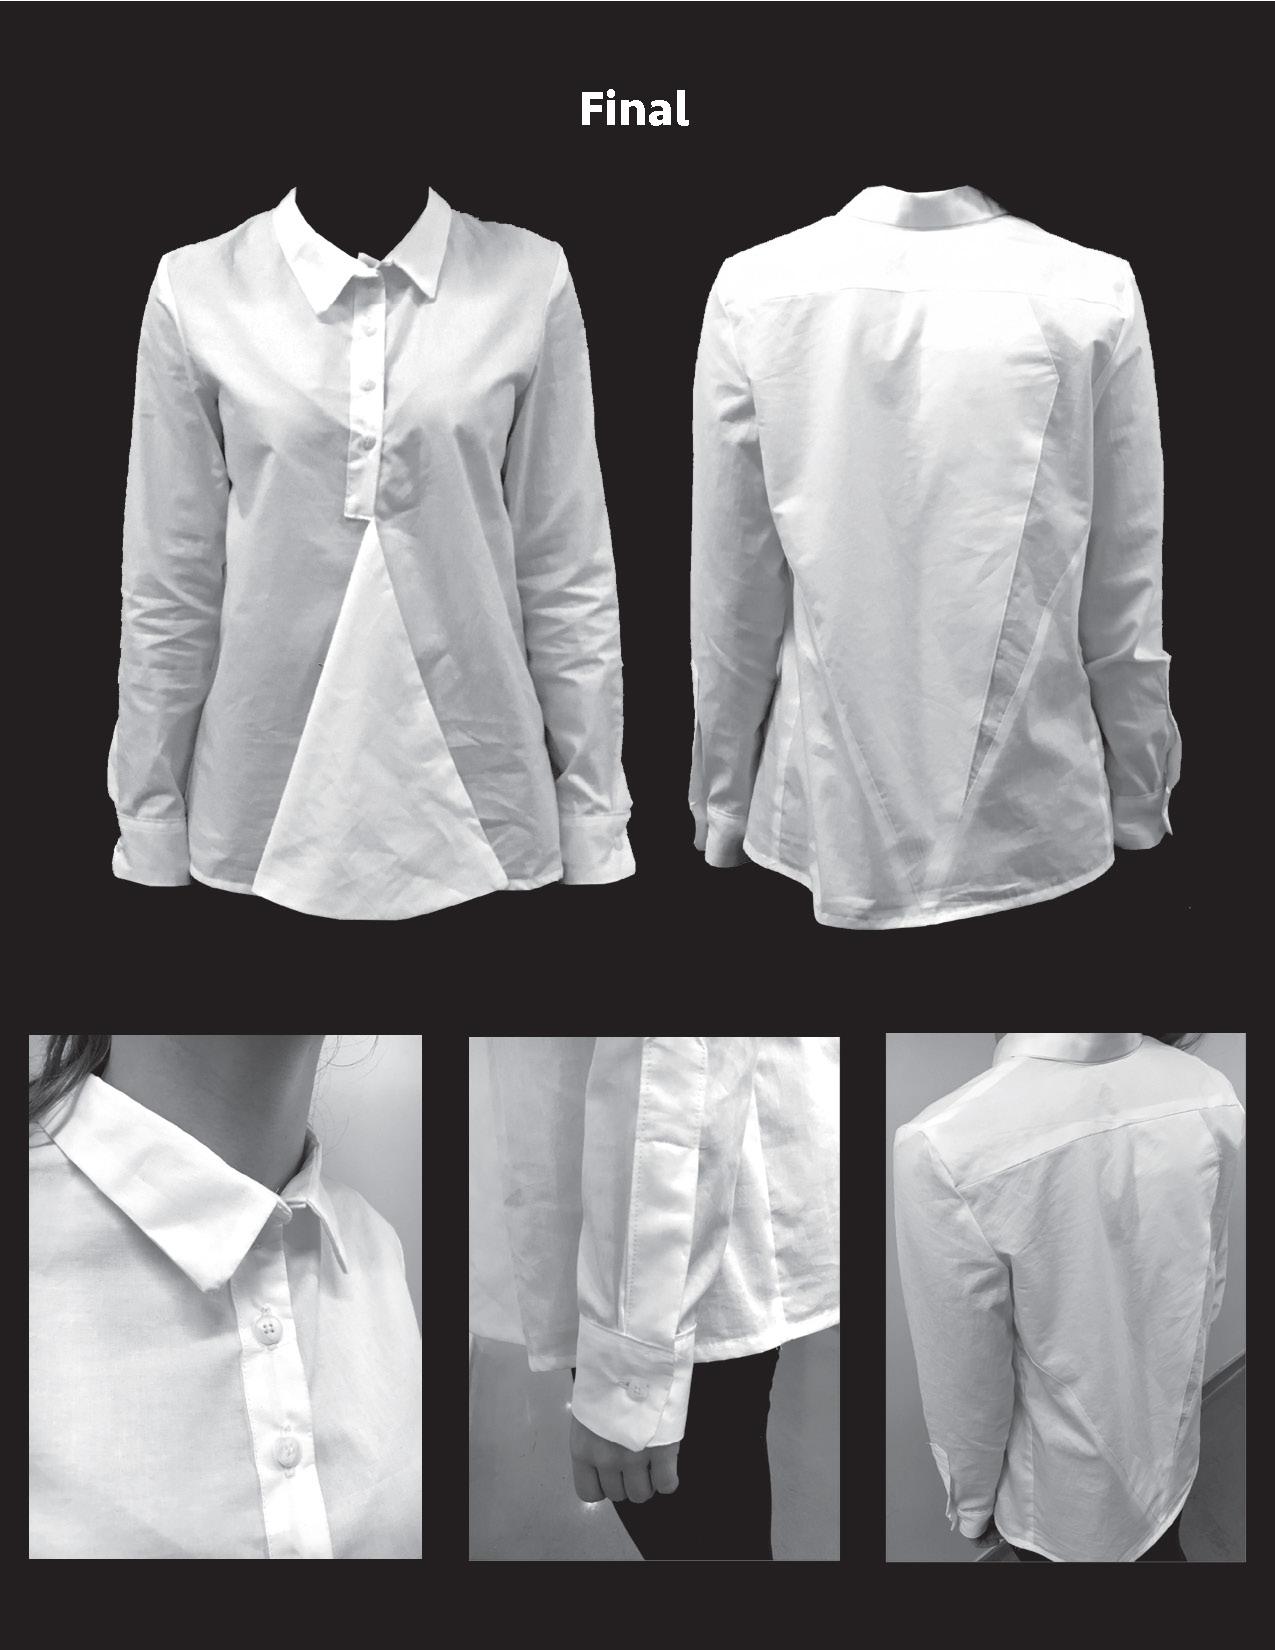 WhiteShirt6